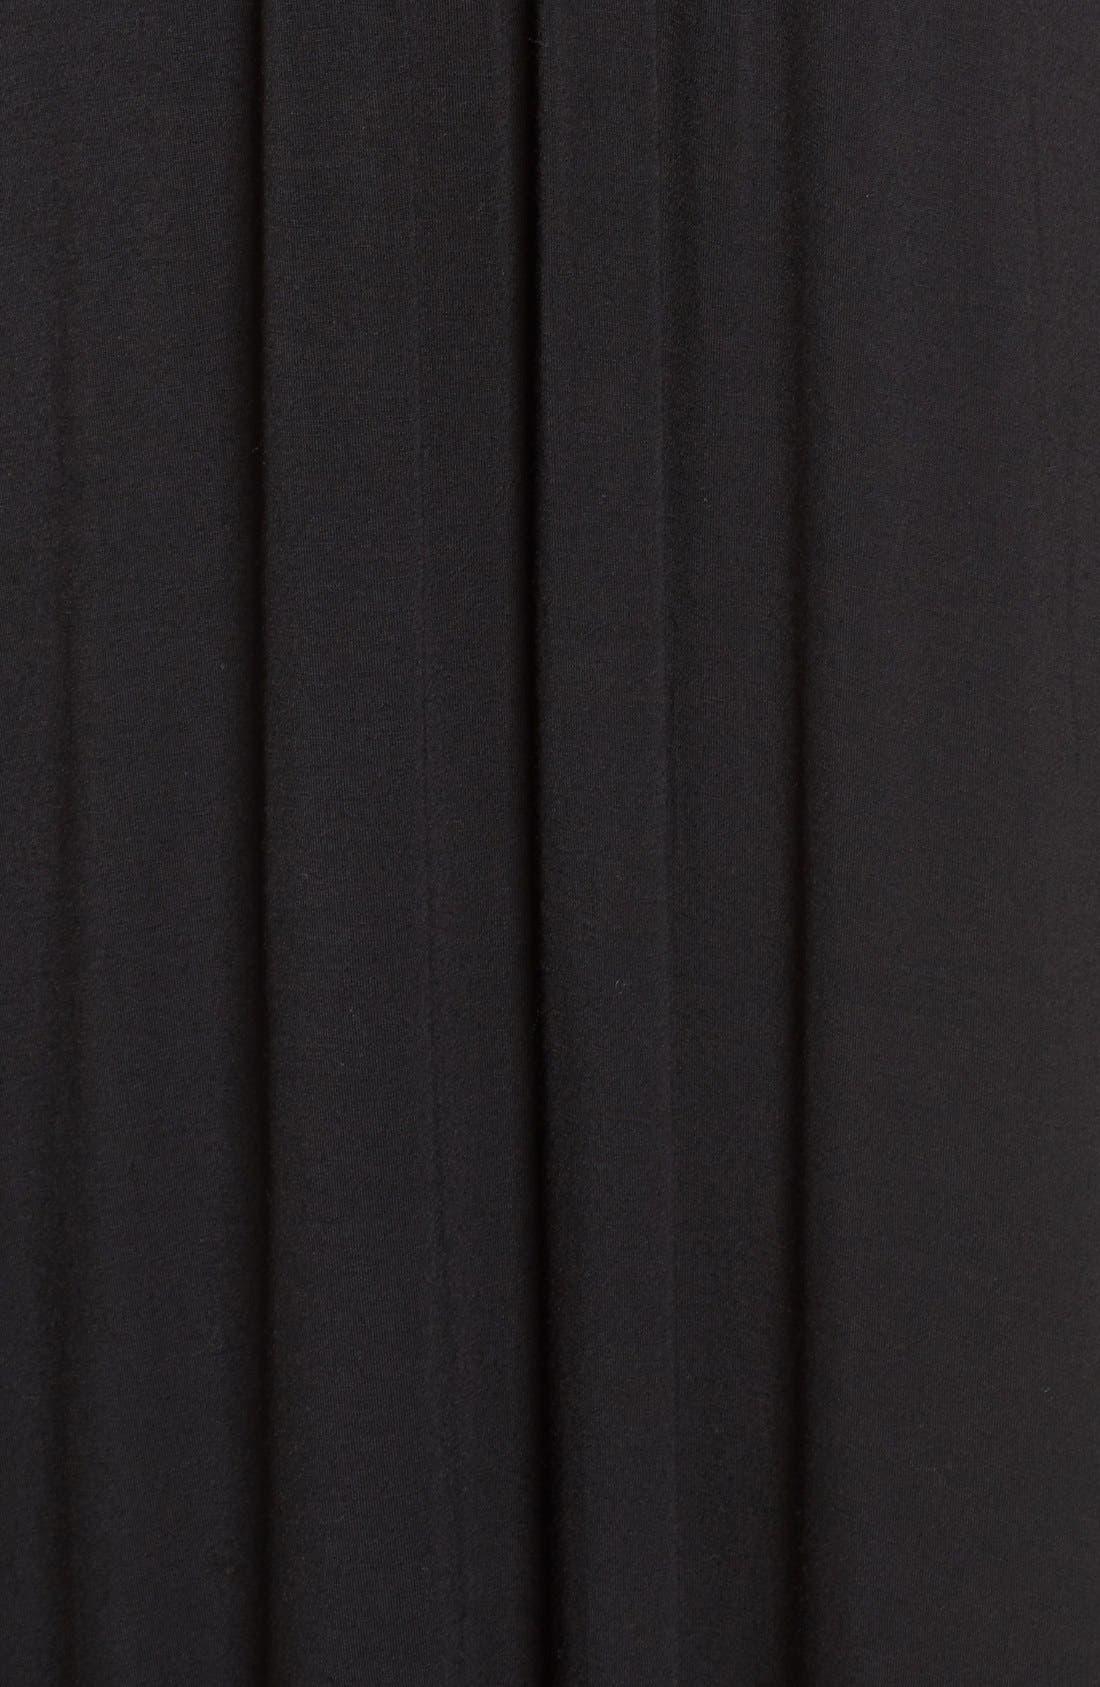 Knit Maxi Dress,                             Alternate thumbnail 9, color,                             001